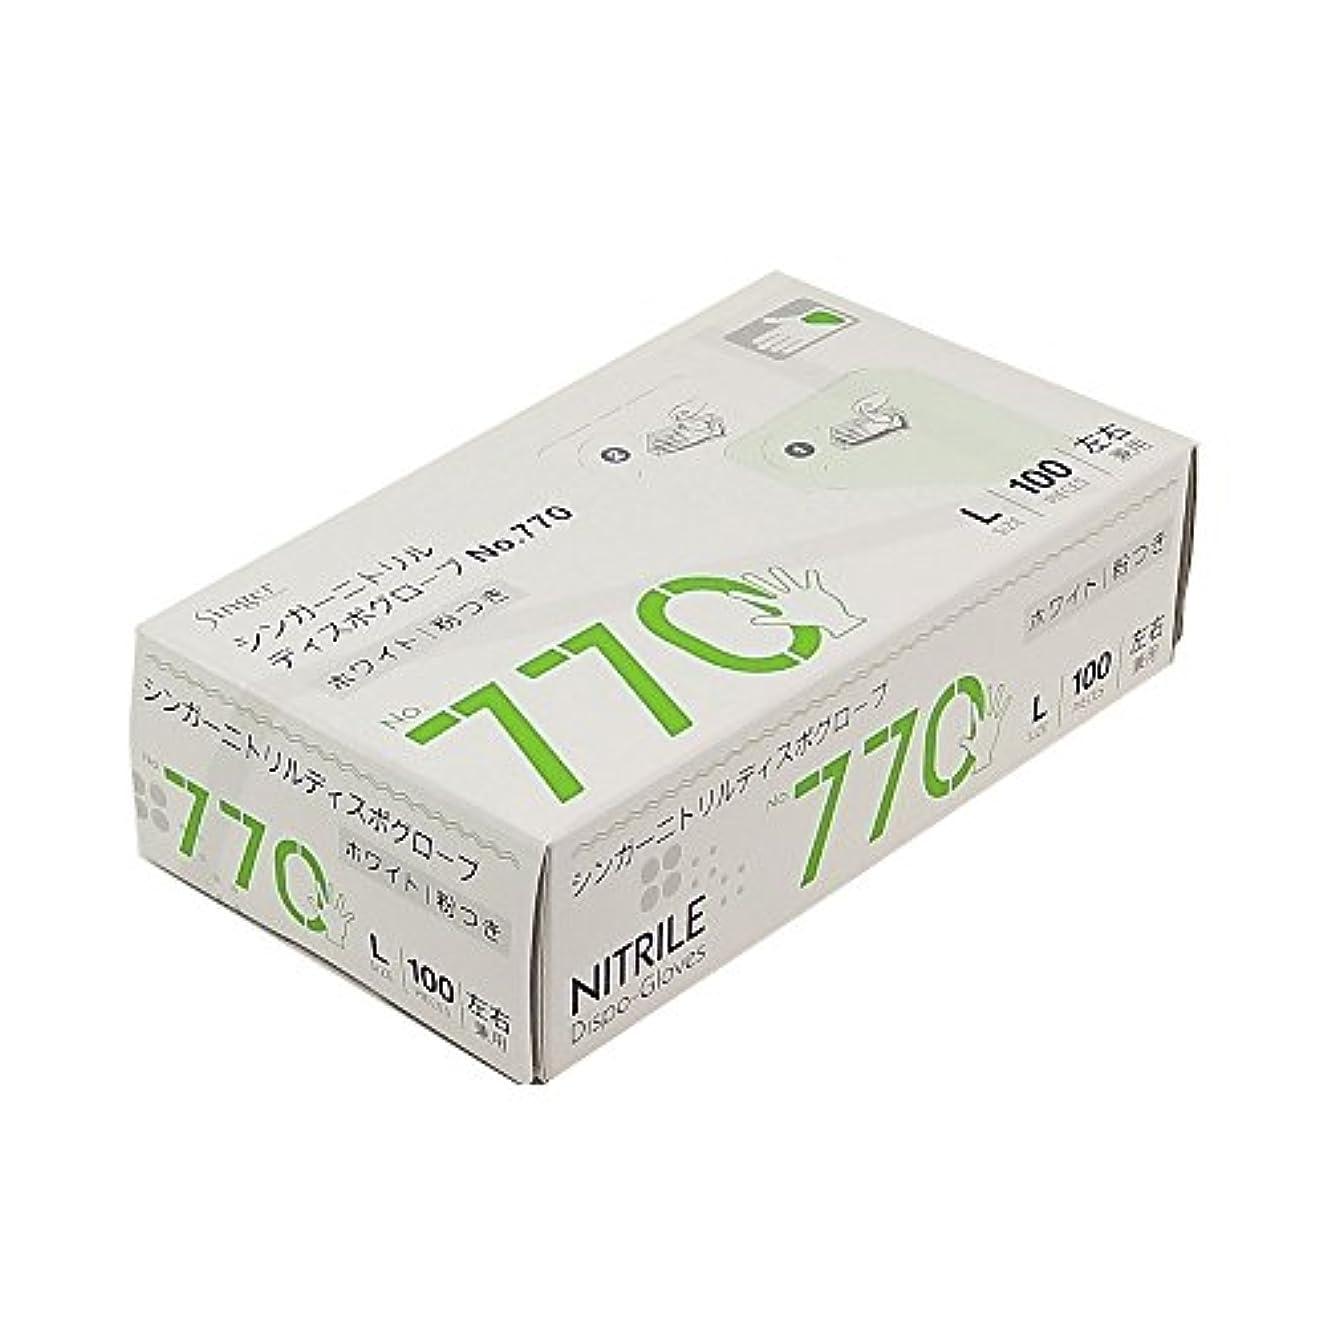 カーフ句裏切り宇都宮製作 ディスポ手袋 シンガーニトリルディスポグローブ No.770 ホワイト 粉付 100枚入  L